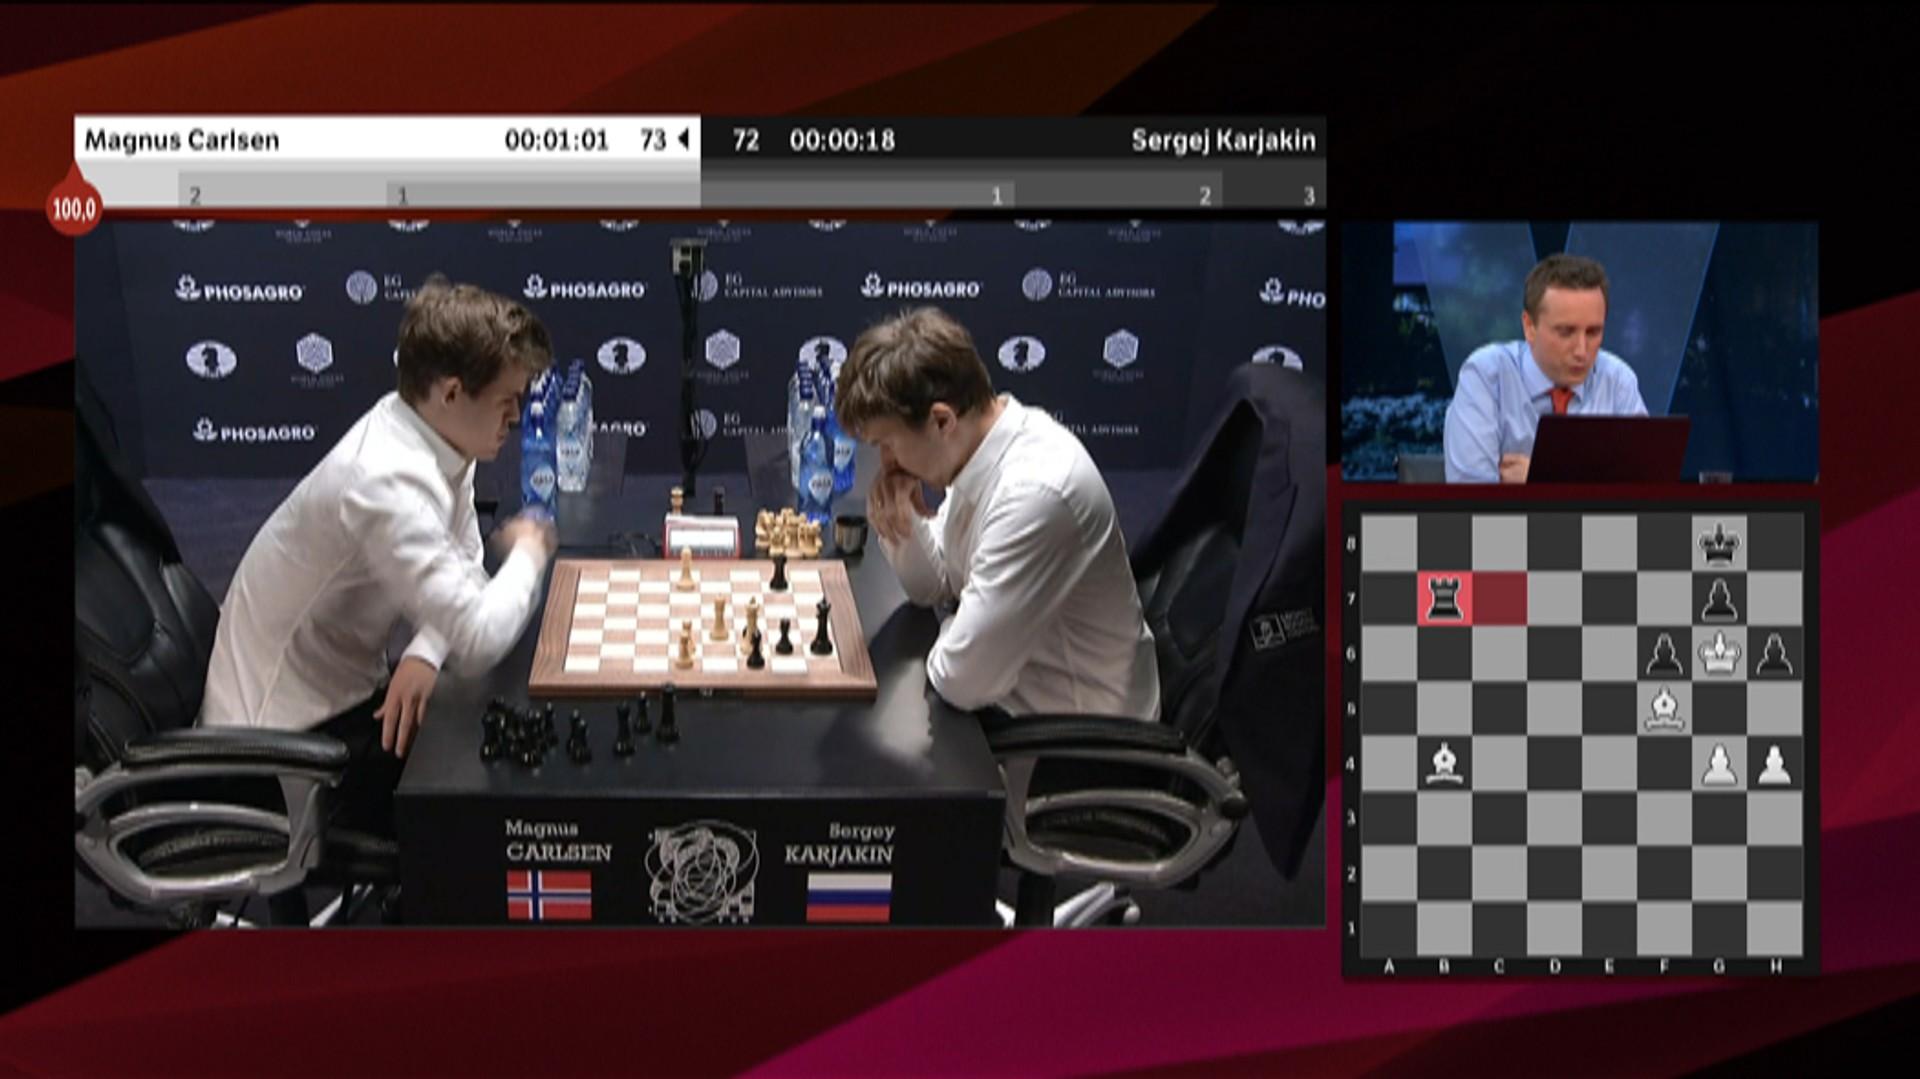 Pila Sto I 100 Men Carlsen Misbrukte Muligheten Nrk Sport Sportsnyheter Resultater Og Sendeplan